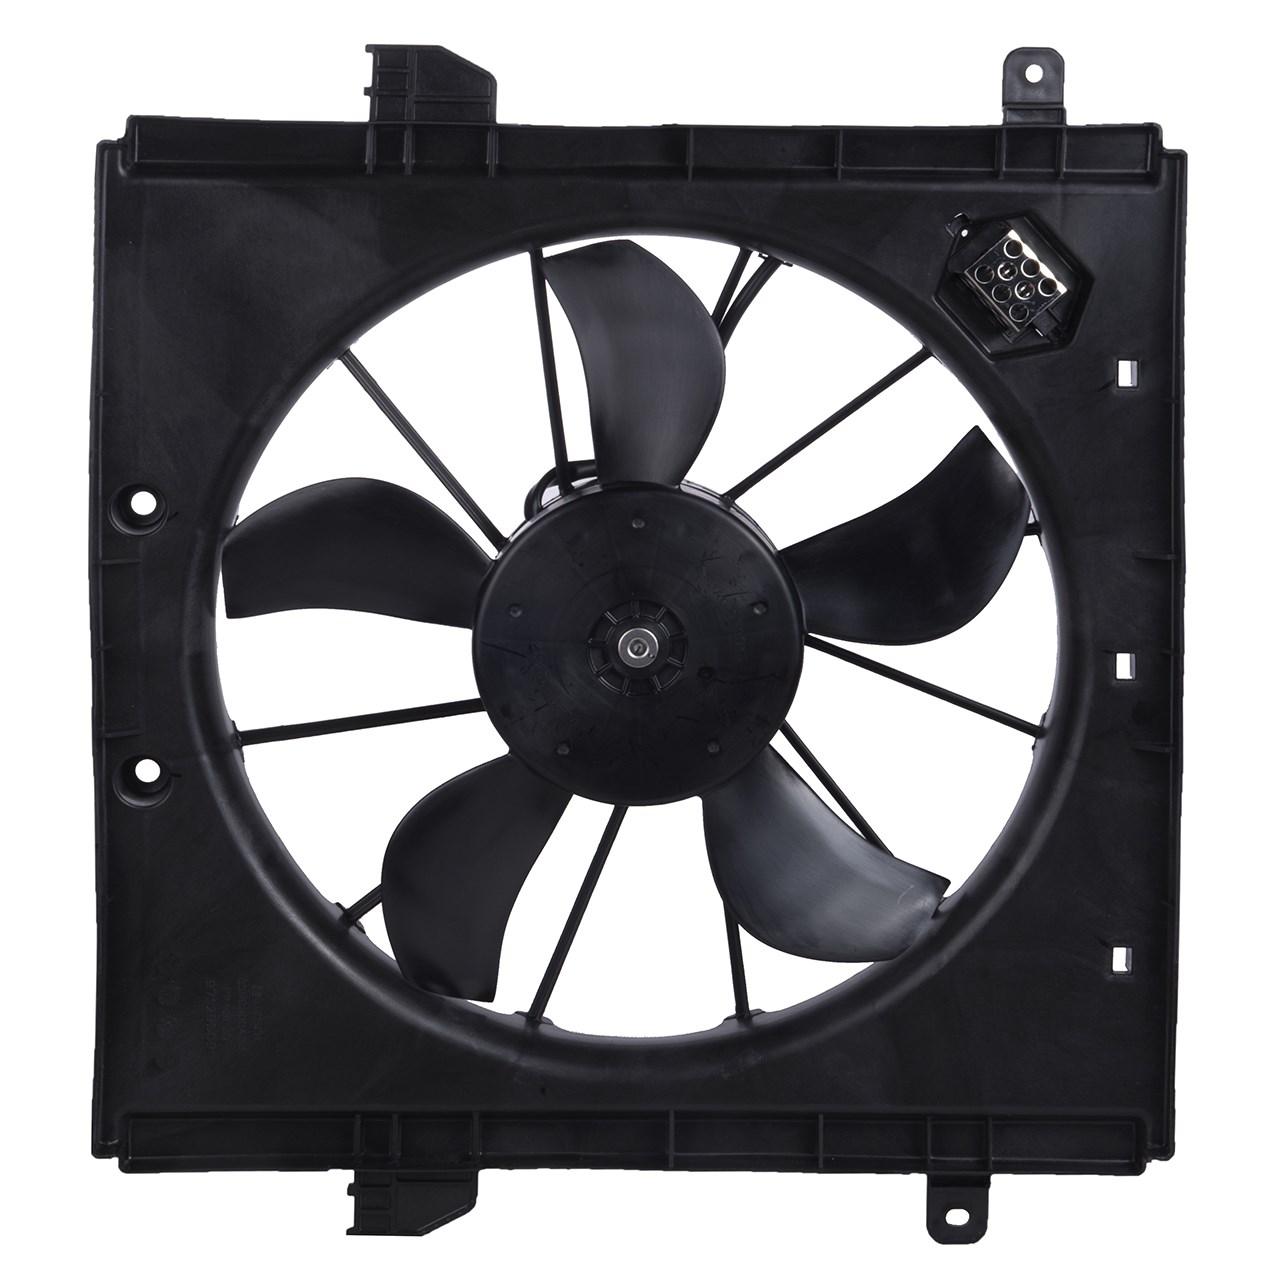 فن رادیاتور مدل 1308100U1510 مناسب برای خودروهای جک